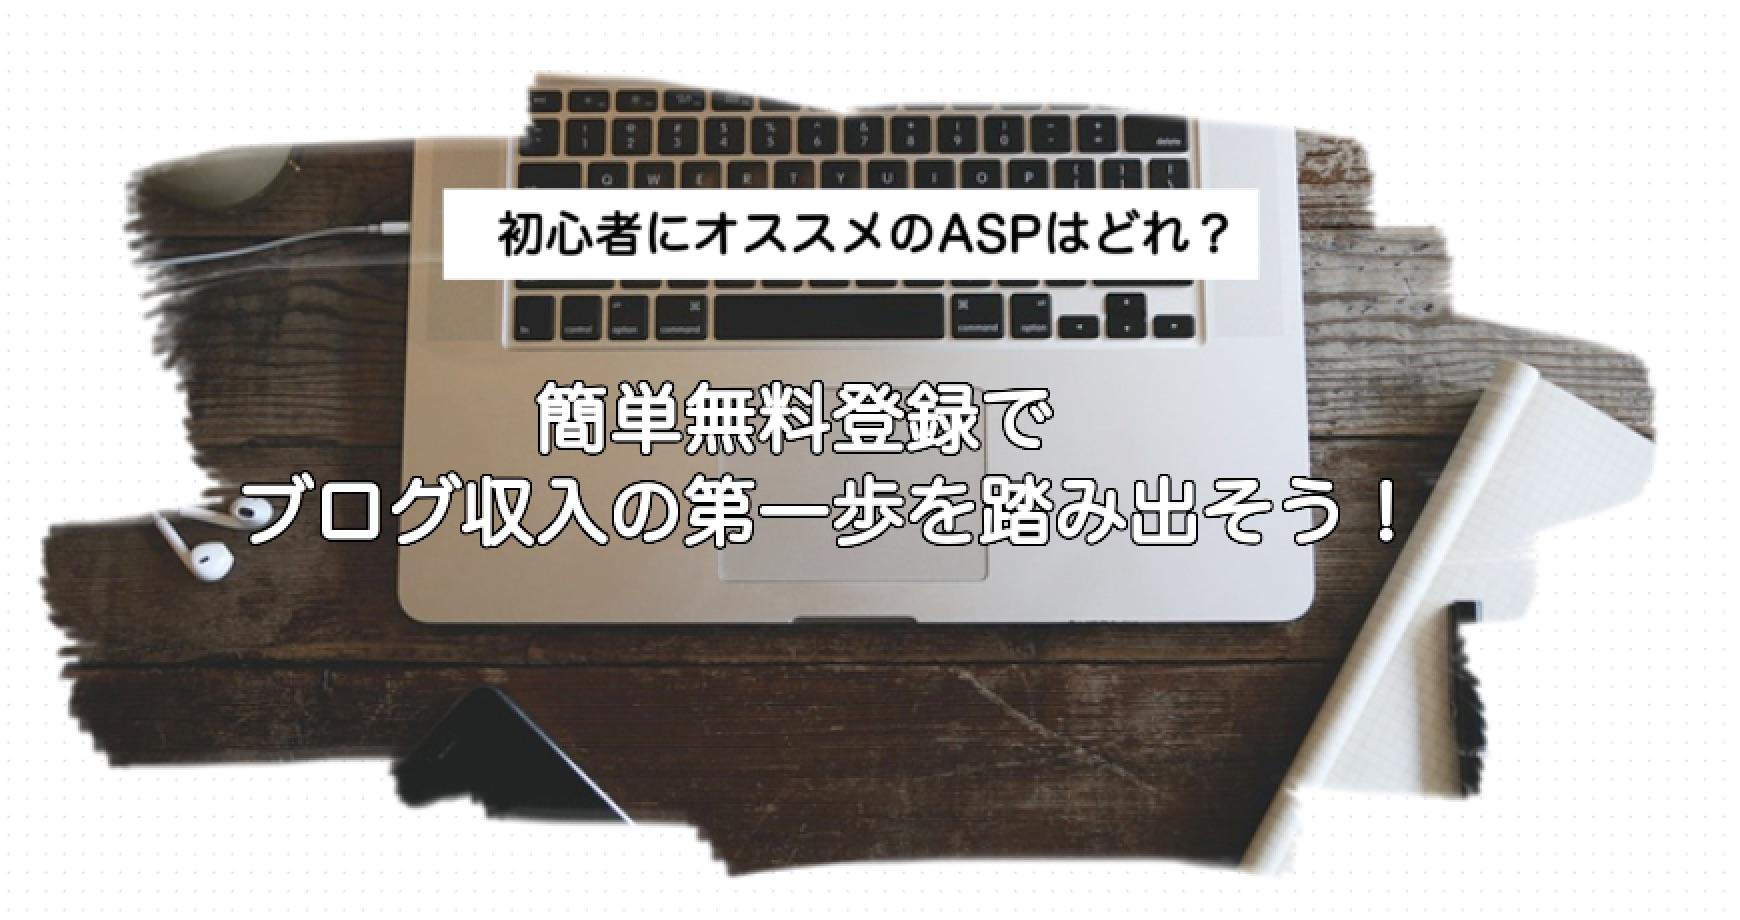 初心者にオススメのASPはこれ!カンタン無料登録をしよう♪